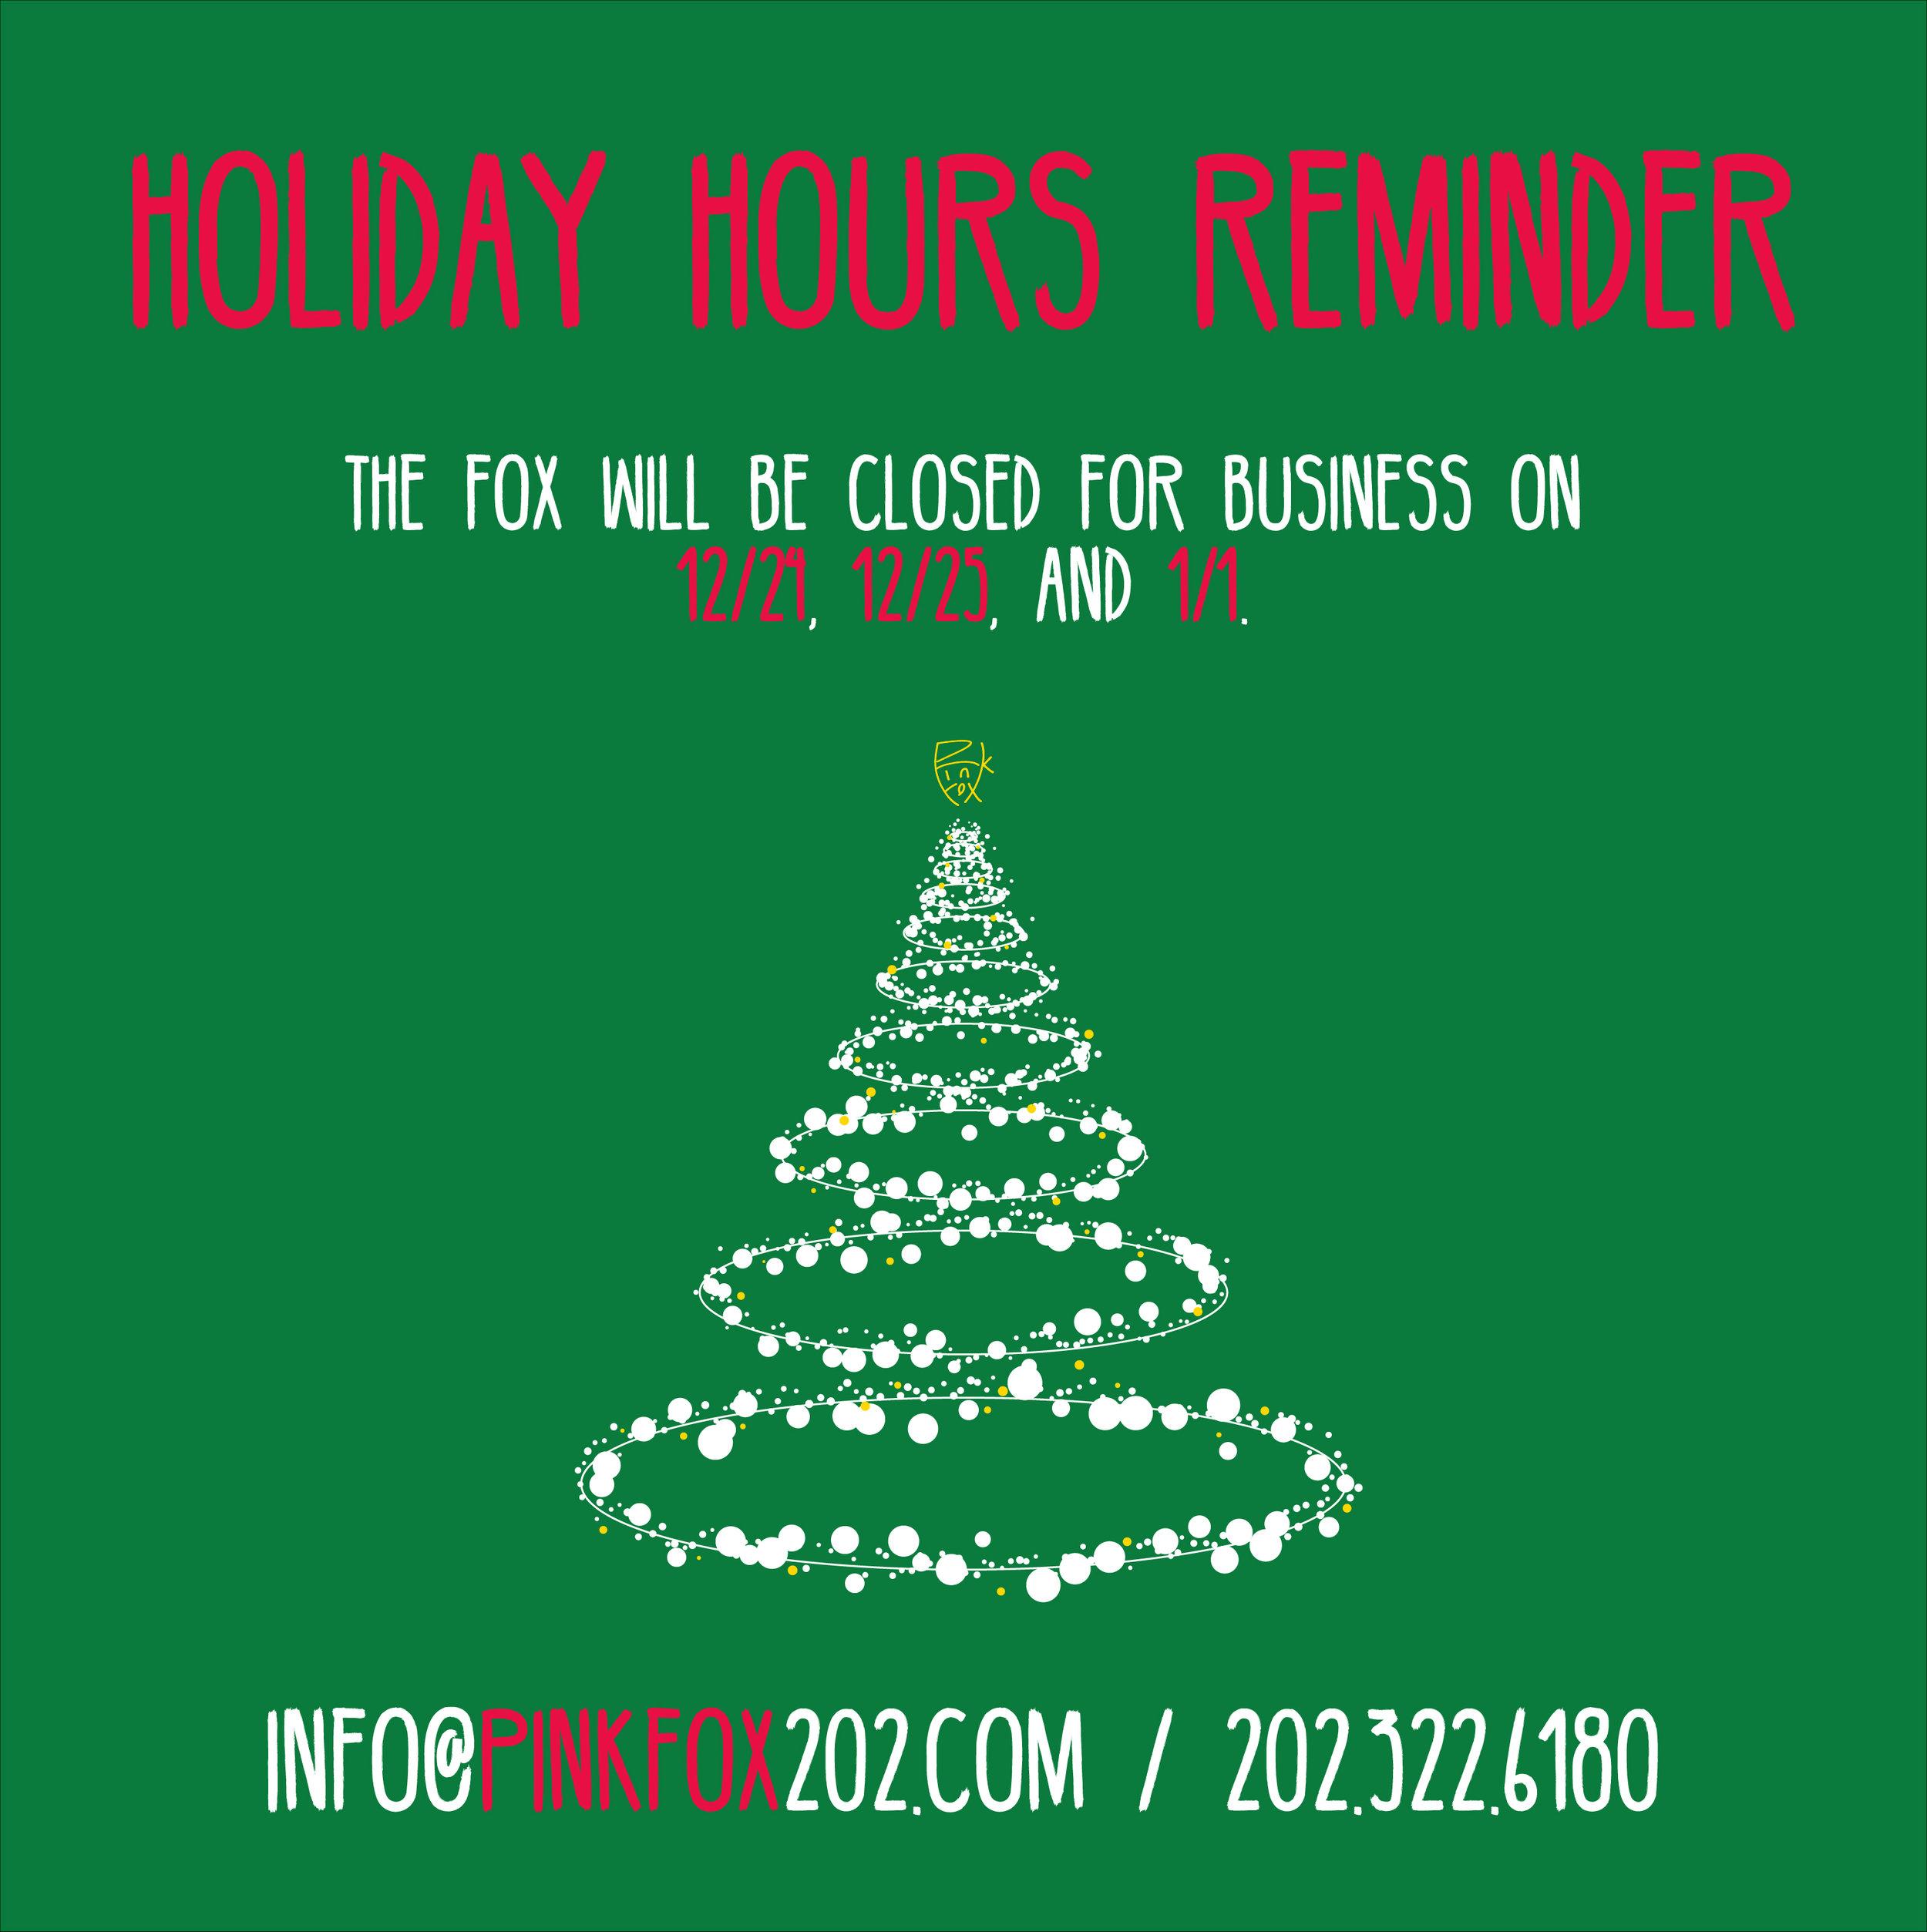 holiday closure notice4-01.jpg